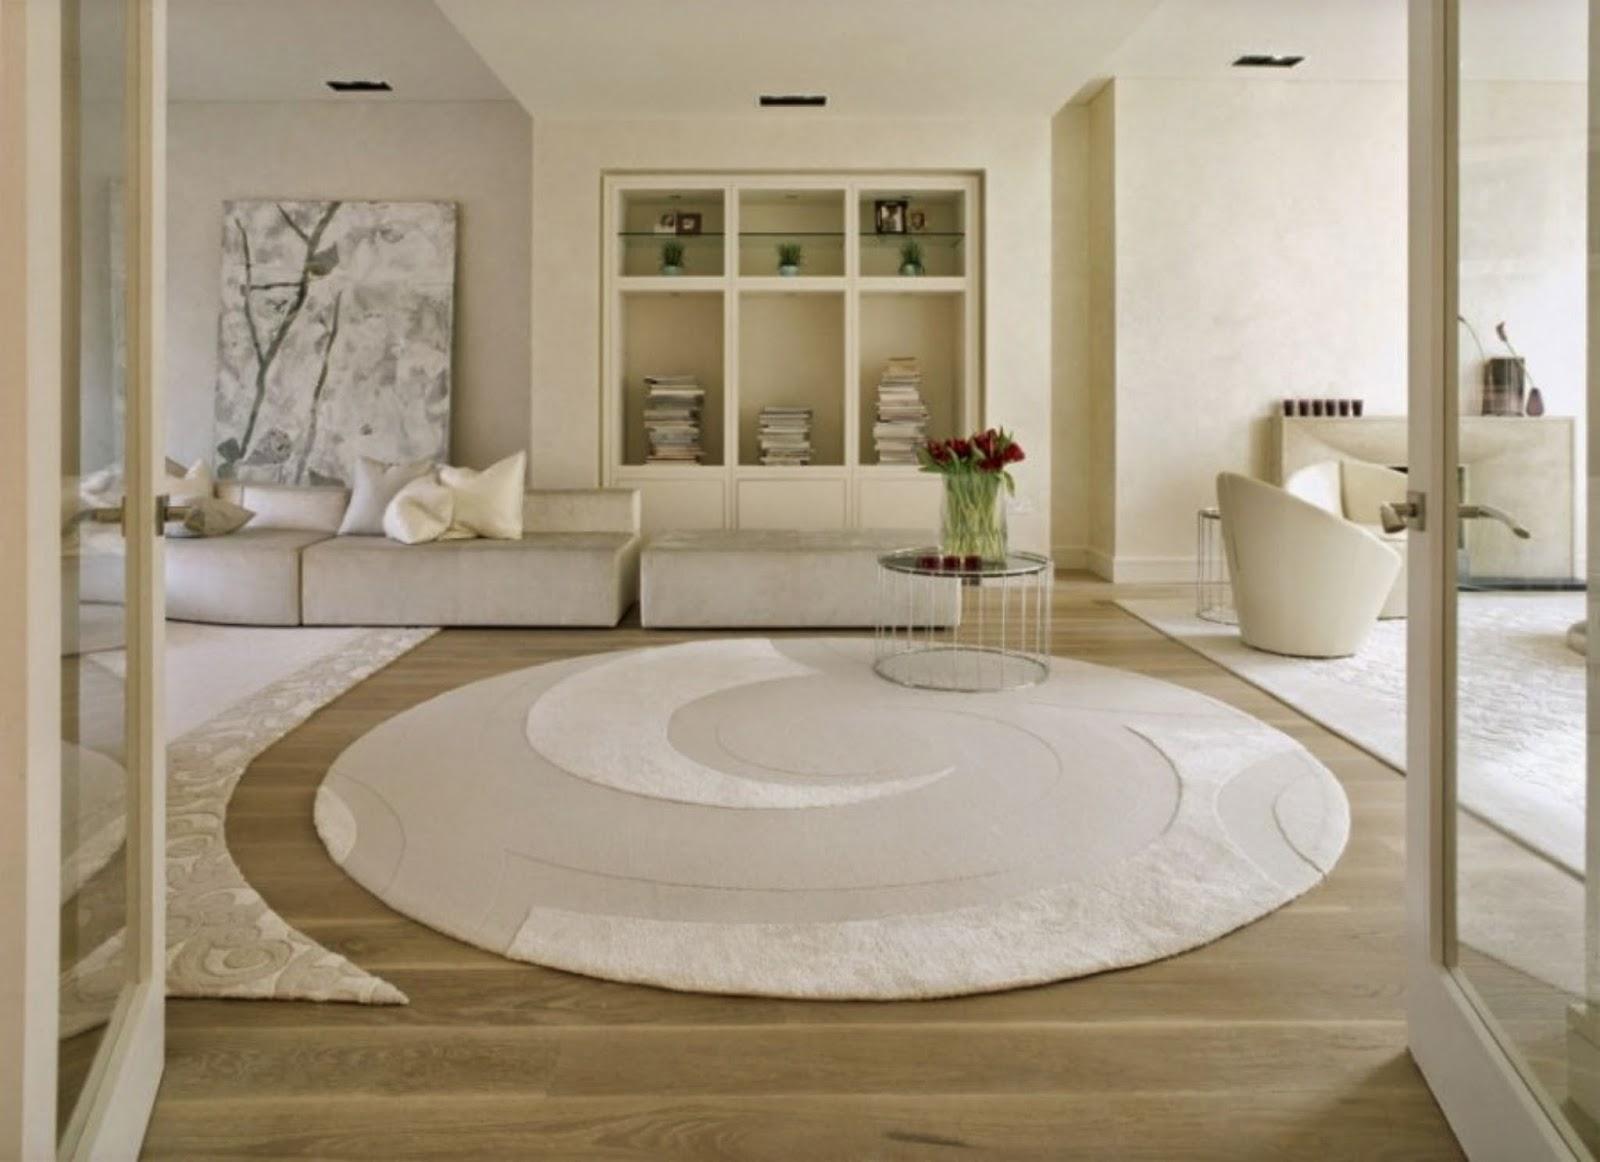 Decorar con alfombras oltenia - Decorar con alfombras ...